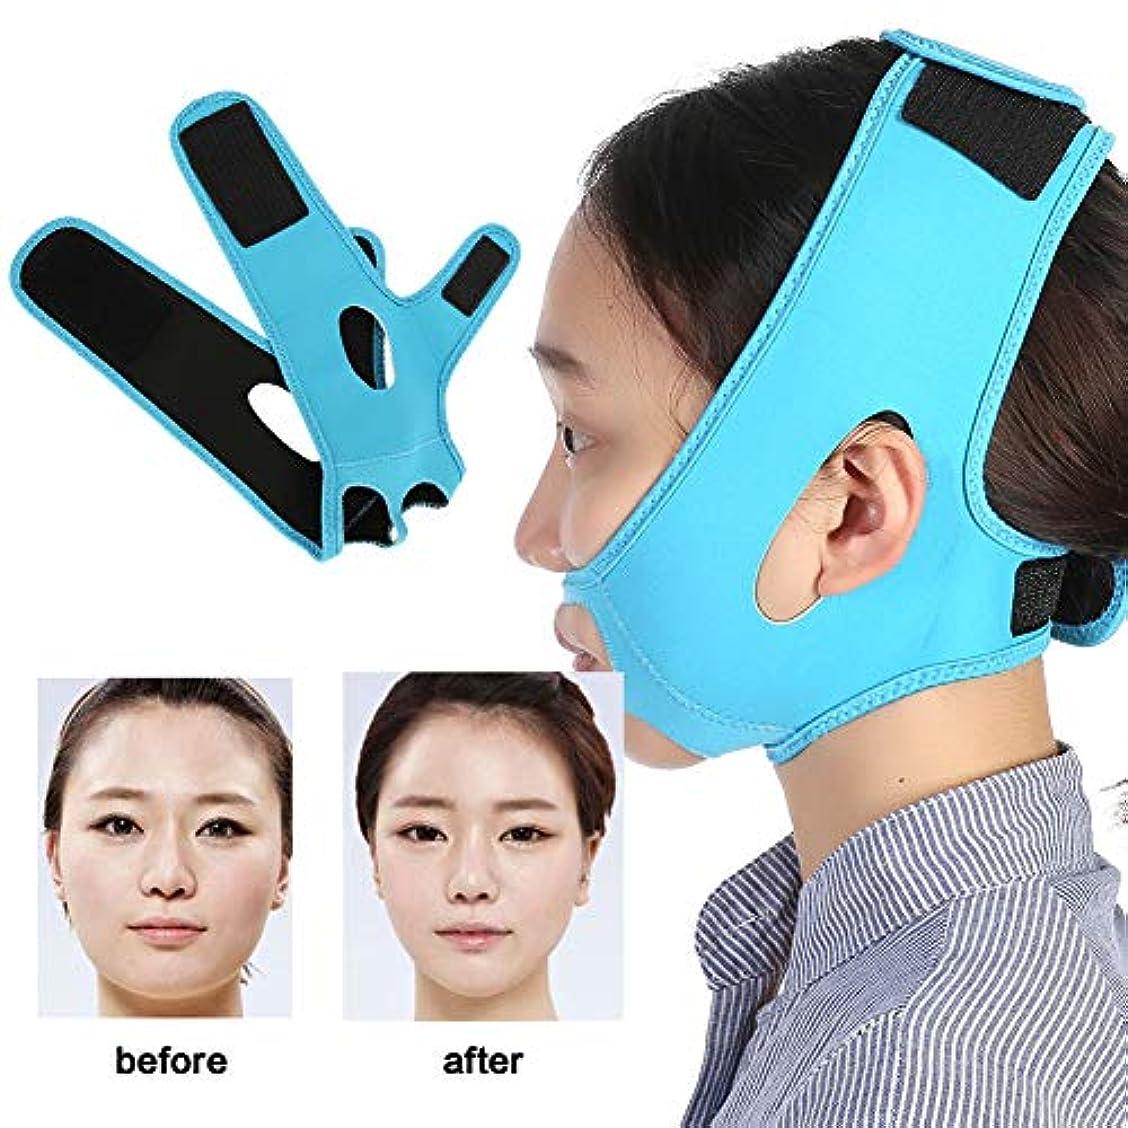 ロードブロッキング放置細分化する顔の輪郭を改善するためのフェイスマスクのスリム化 Vフェイス美容包帯 通気性/伸縮性/非変形性